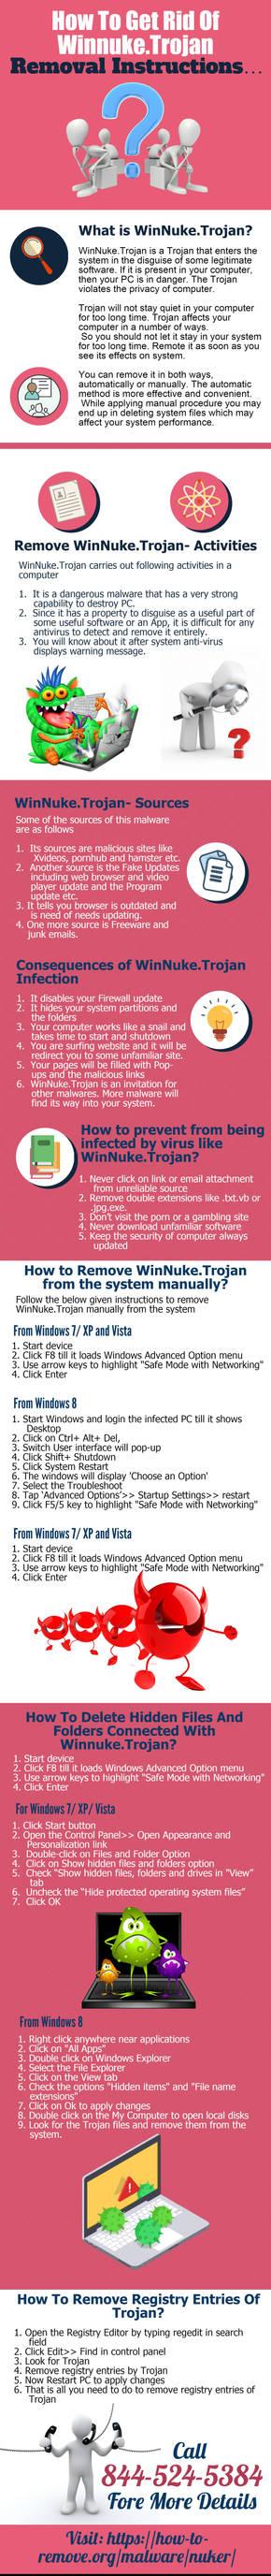 What is WinNuke.Trojan?